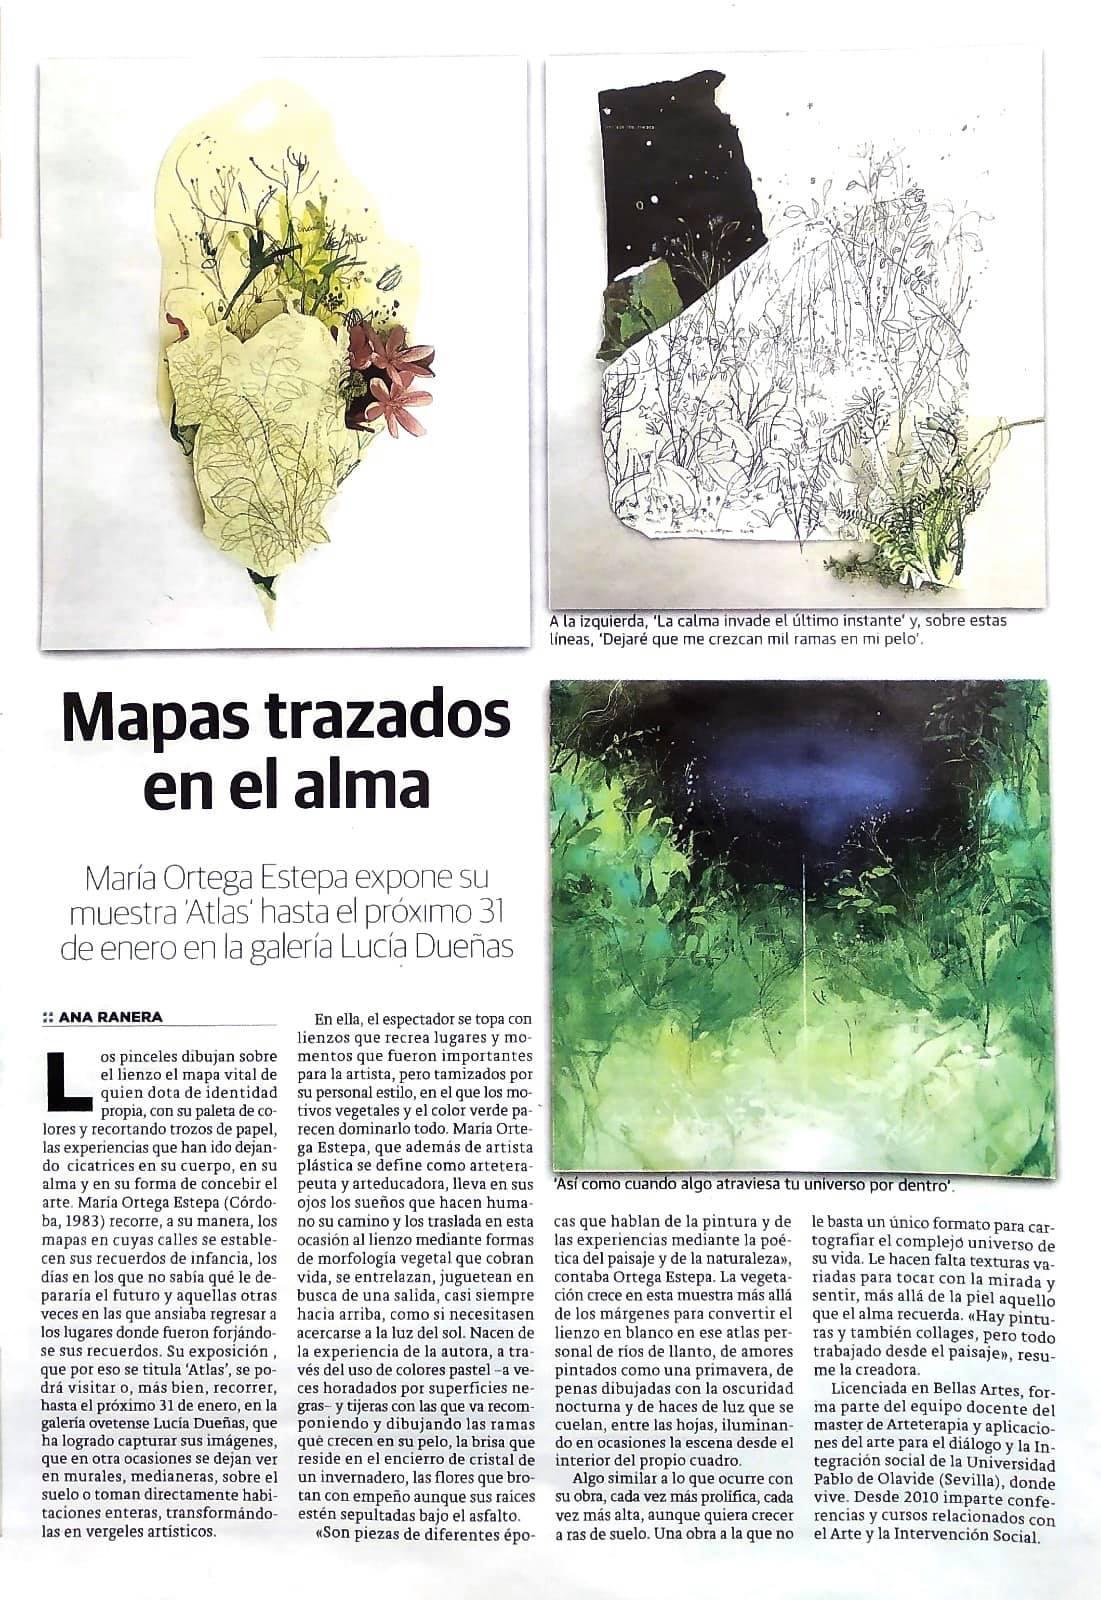 ATLAS. María Ortega Estepa. Galería Lucía Dueñas